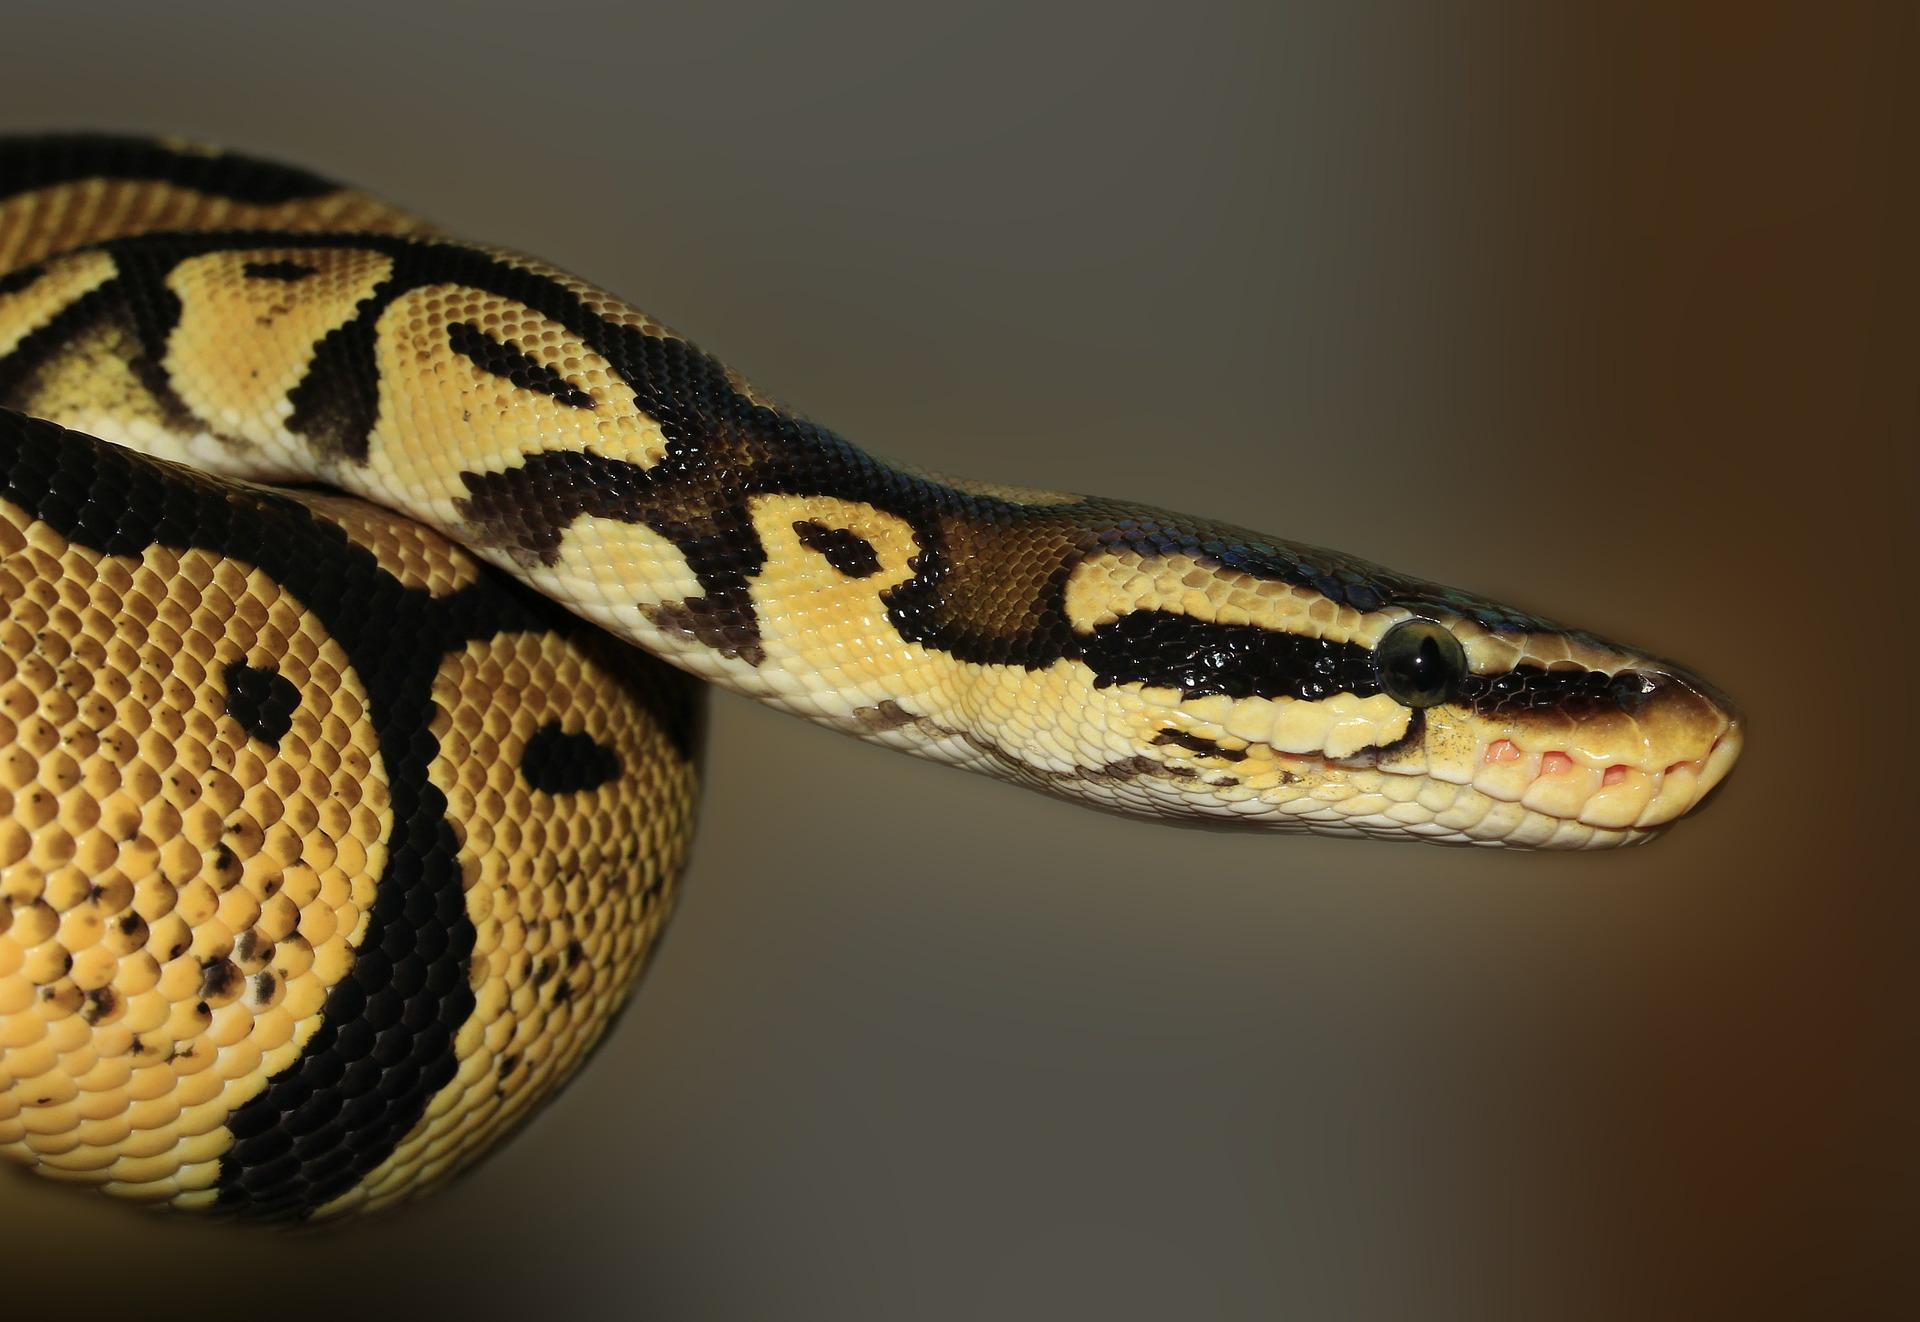 Φίδι, Python, Οχιά, τα μάτια, Ερπετό - Wallpapers HD - Professor-falken.com